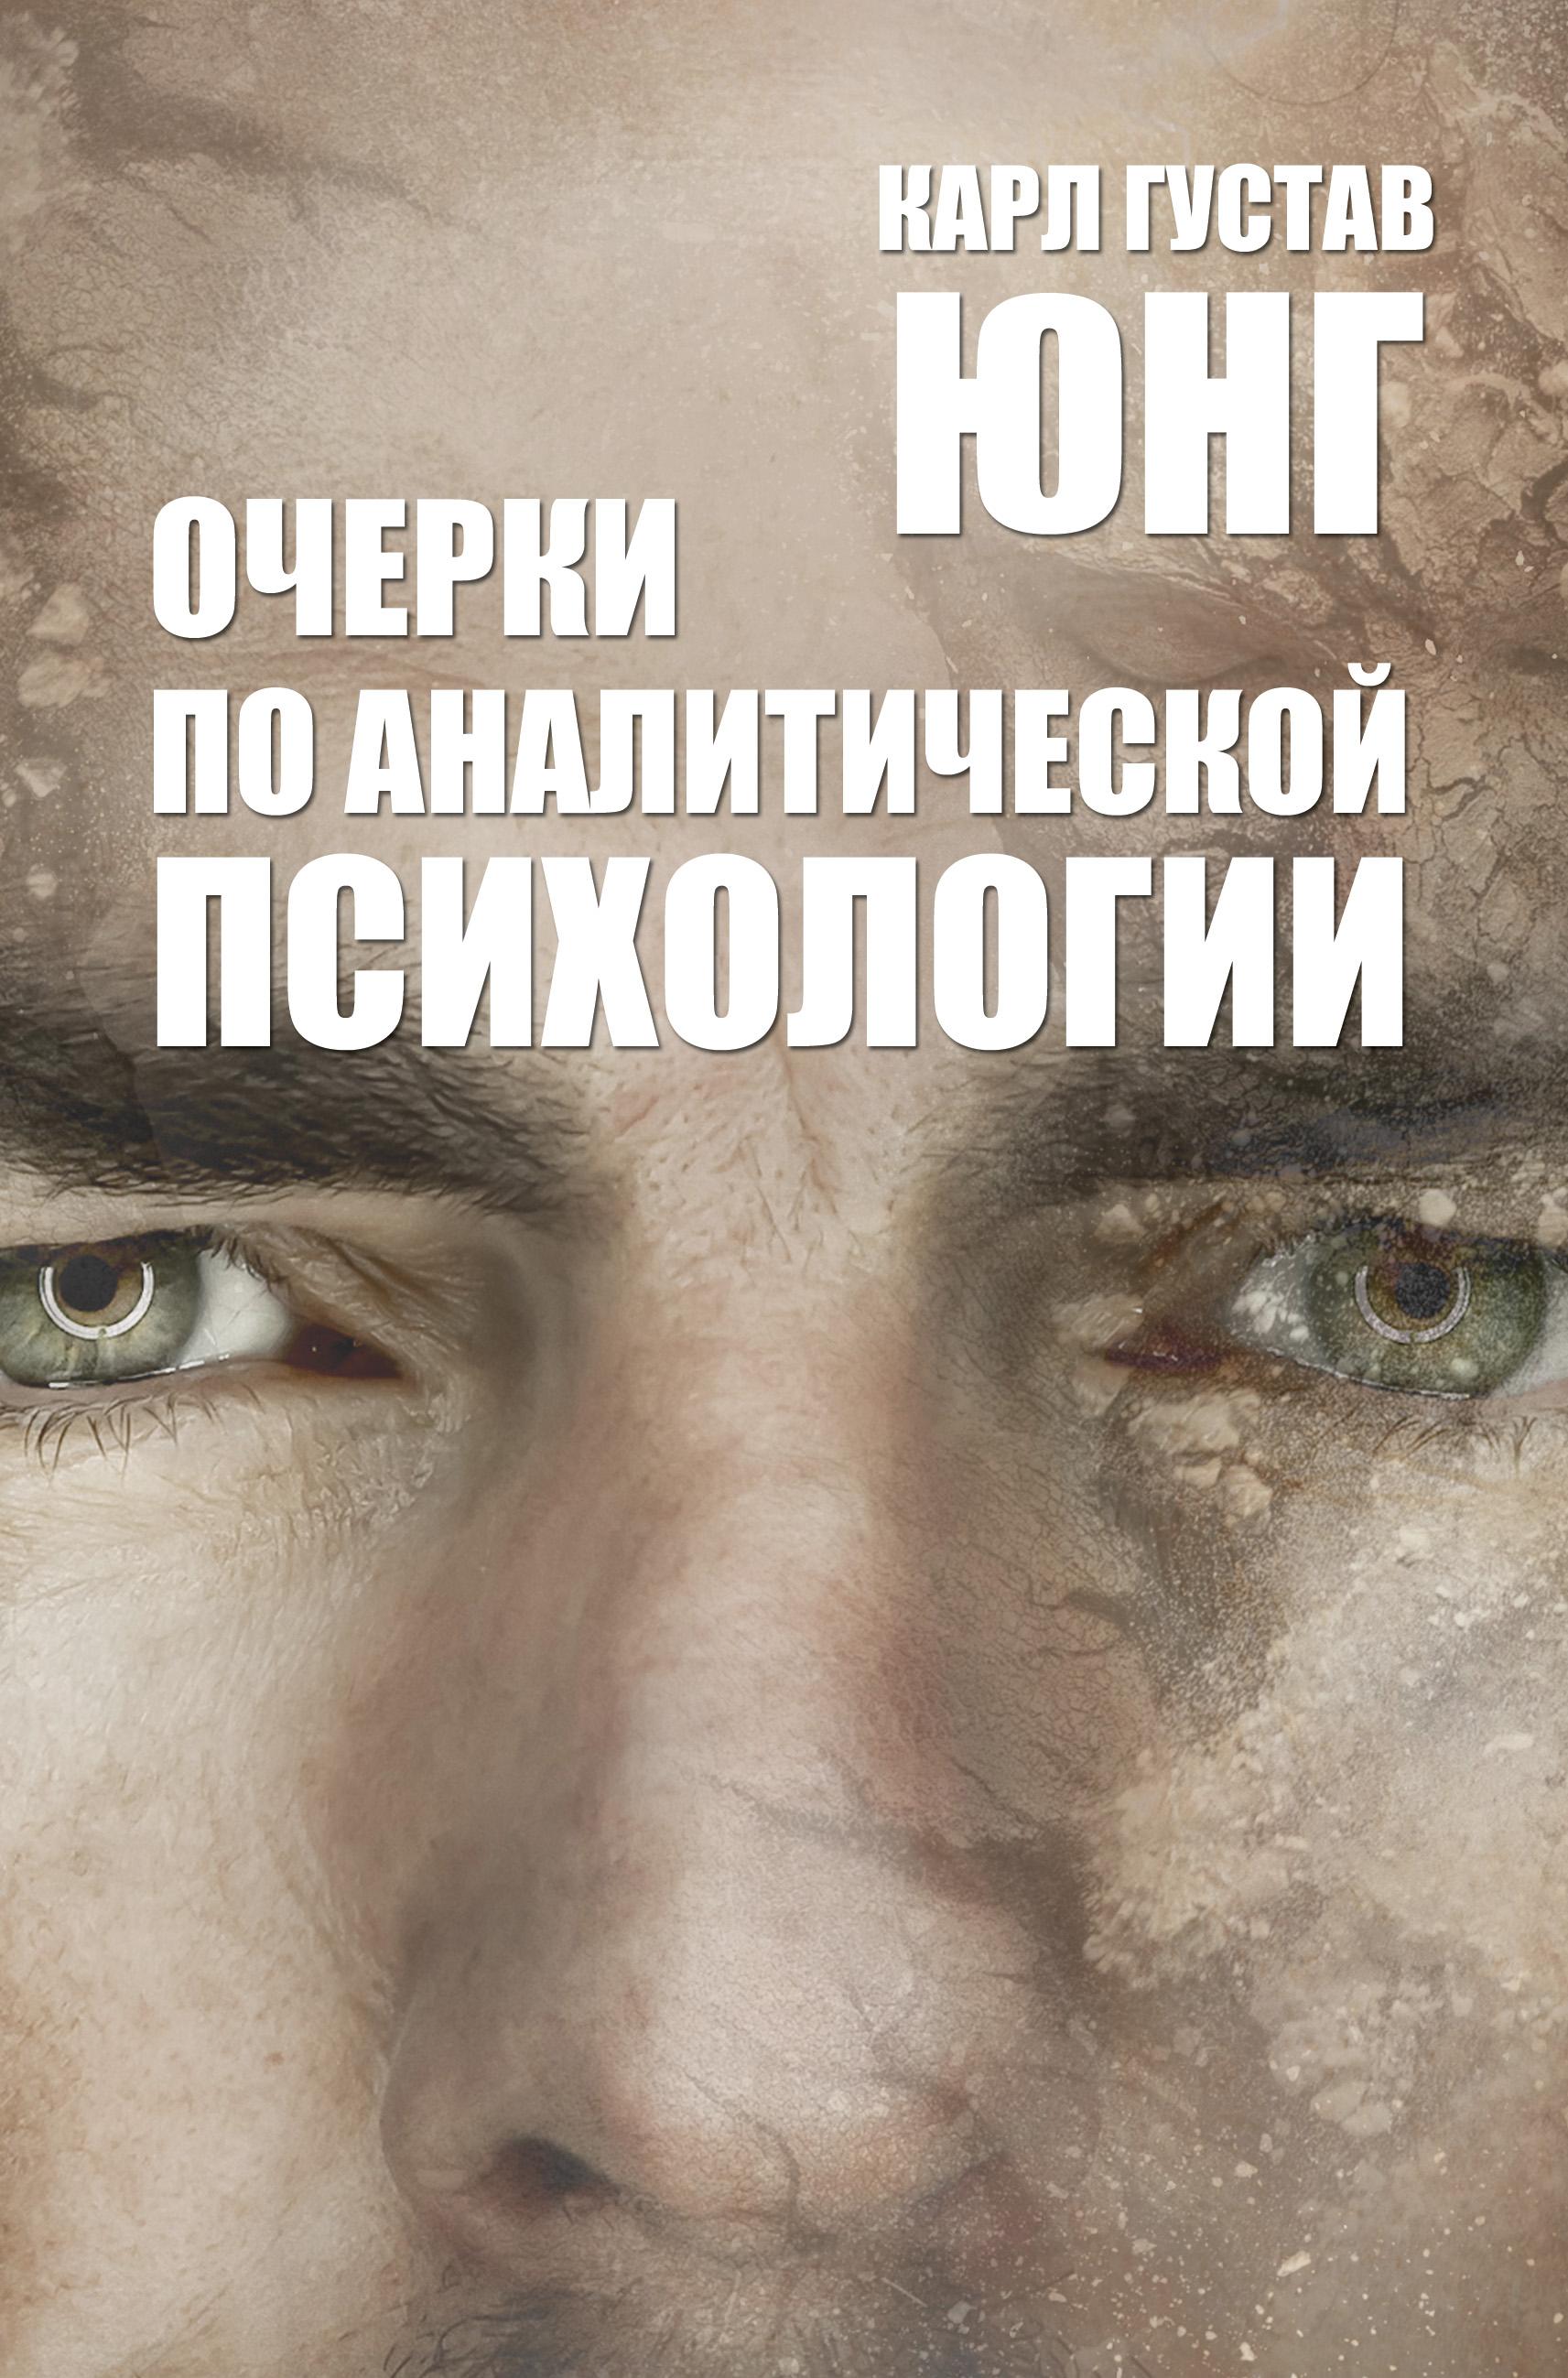 Купить книгу Очерки по аналитической психологии, автора Карла Густава Юнга